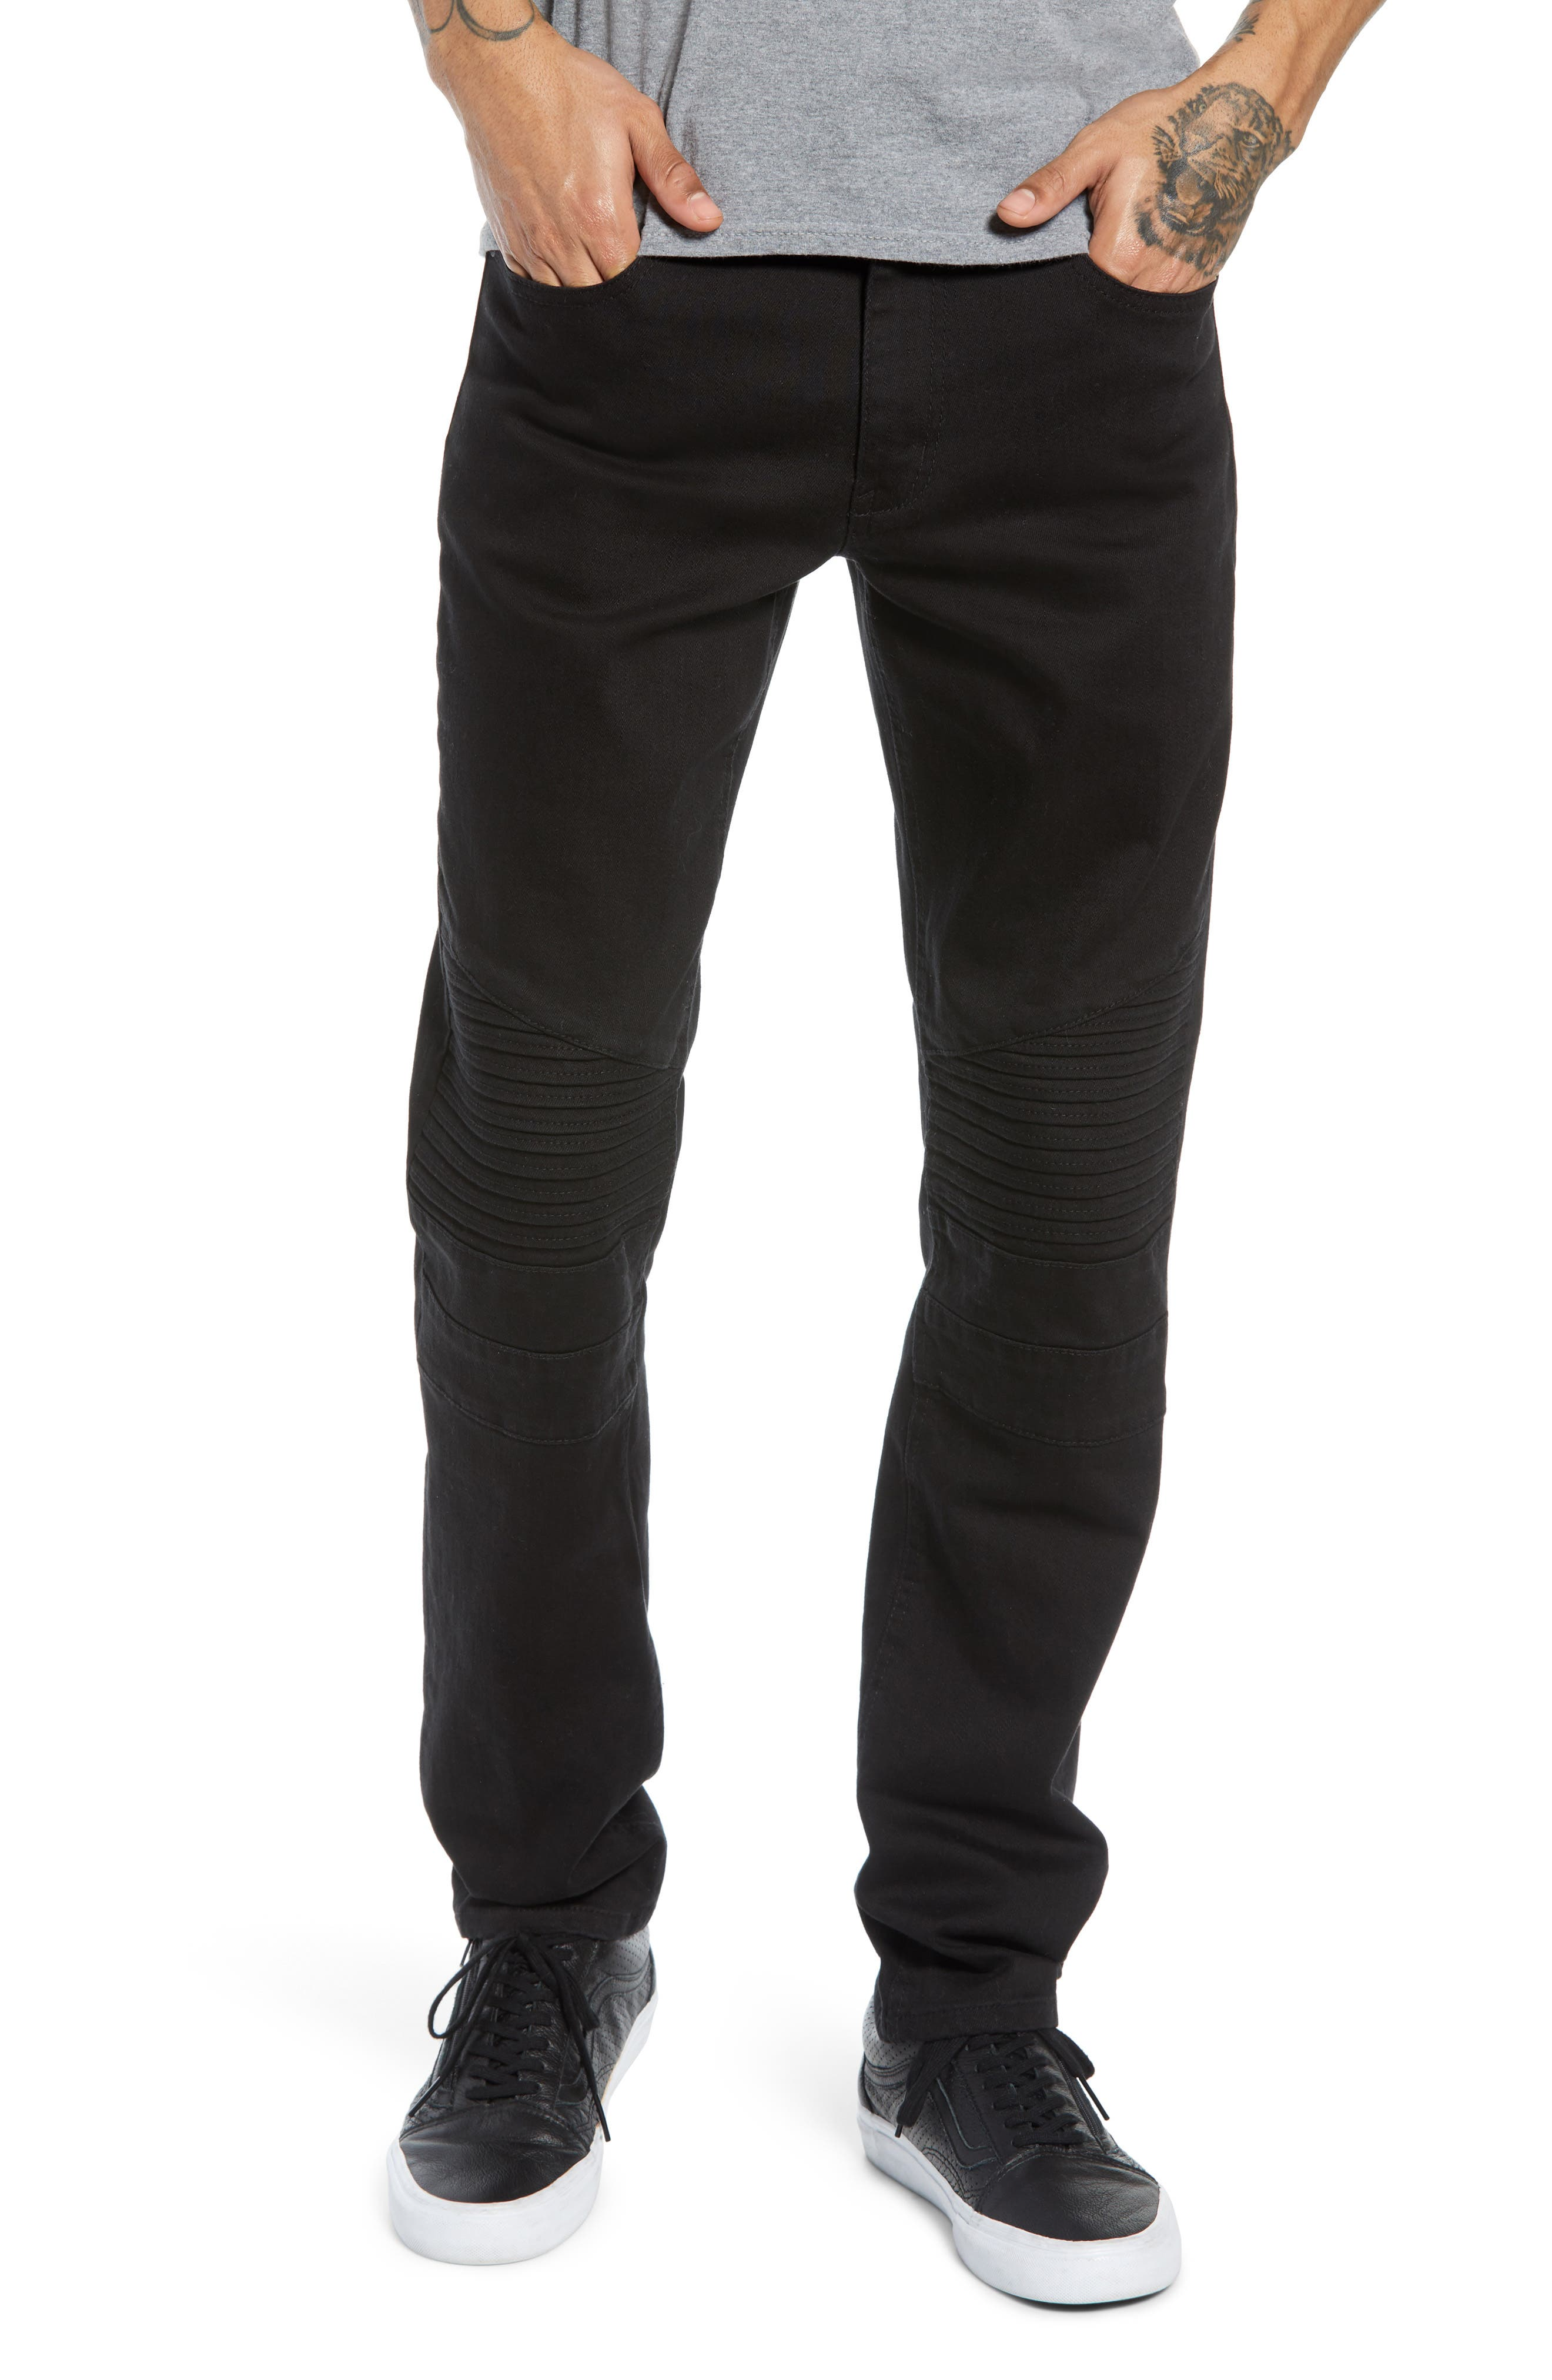 THE RAIL, Skinny Moto Jeans, Main thumbnail 1, color, BLACK WASH